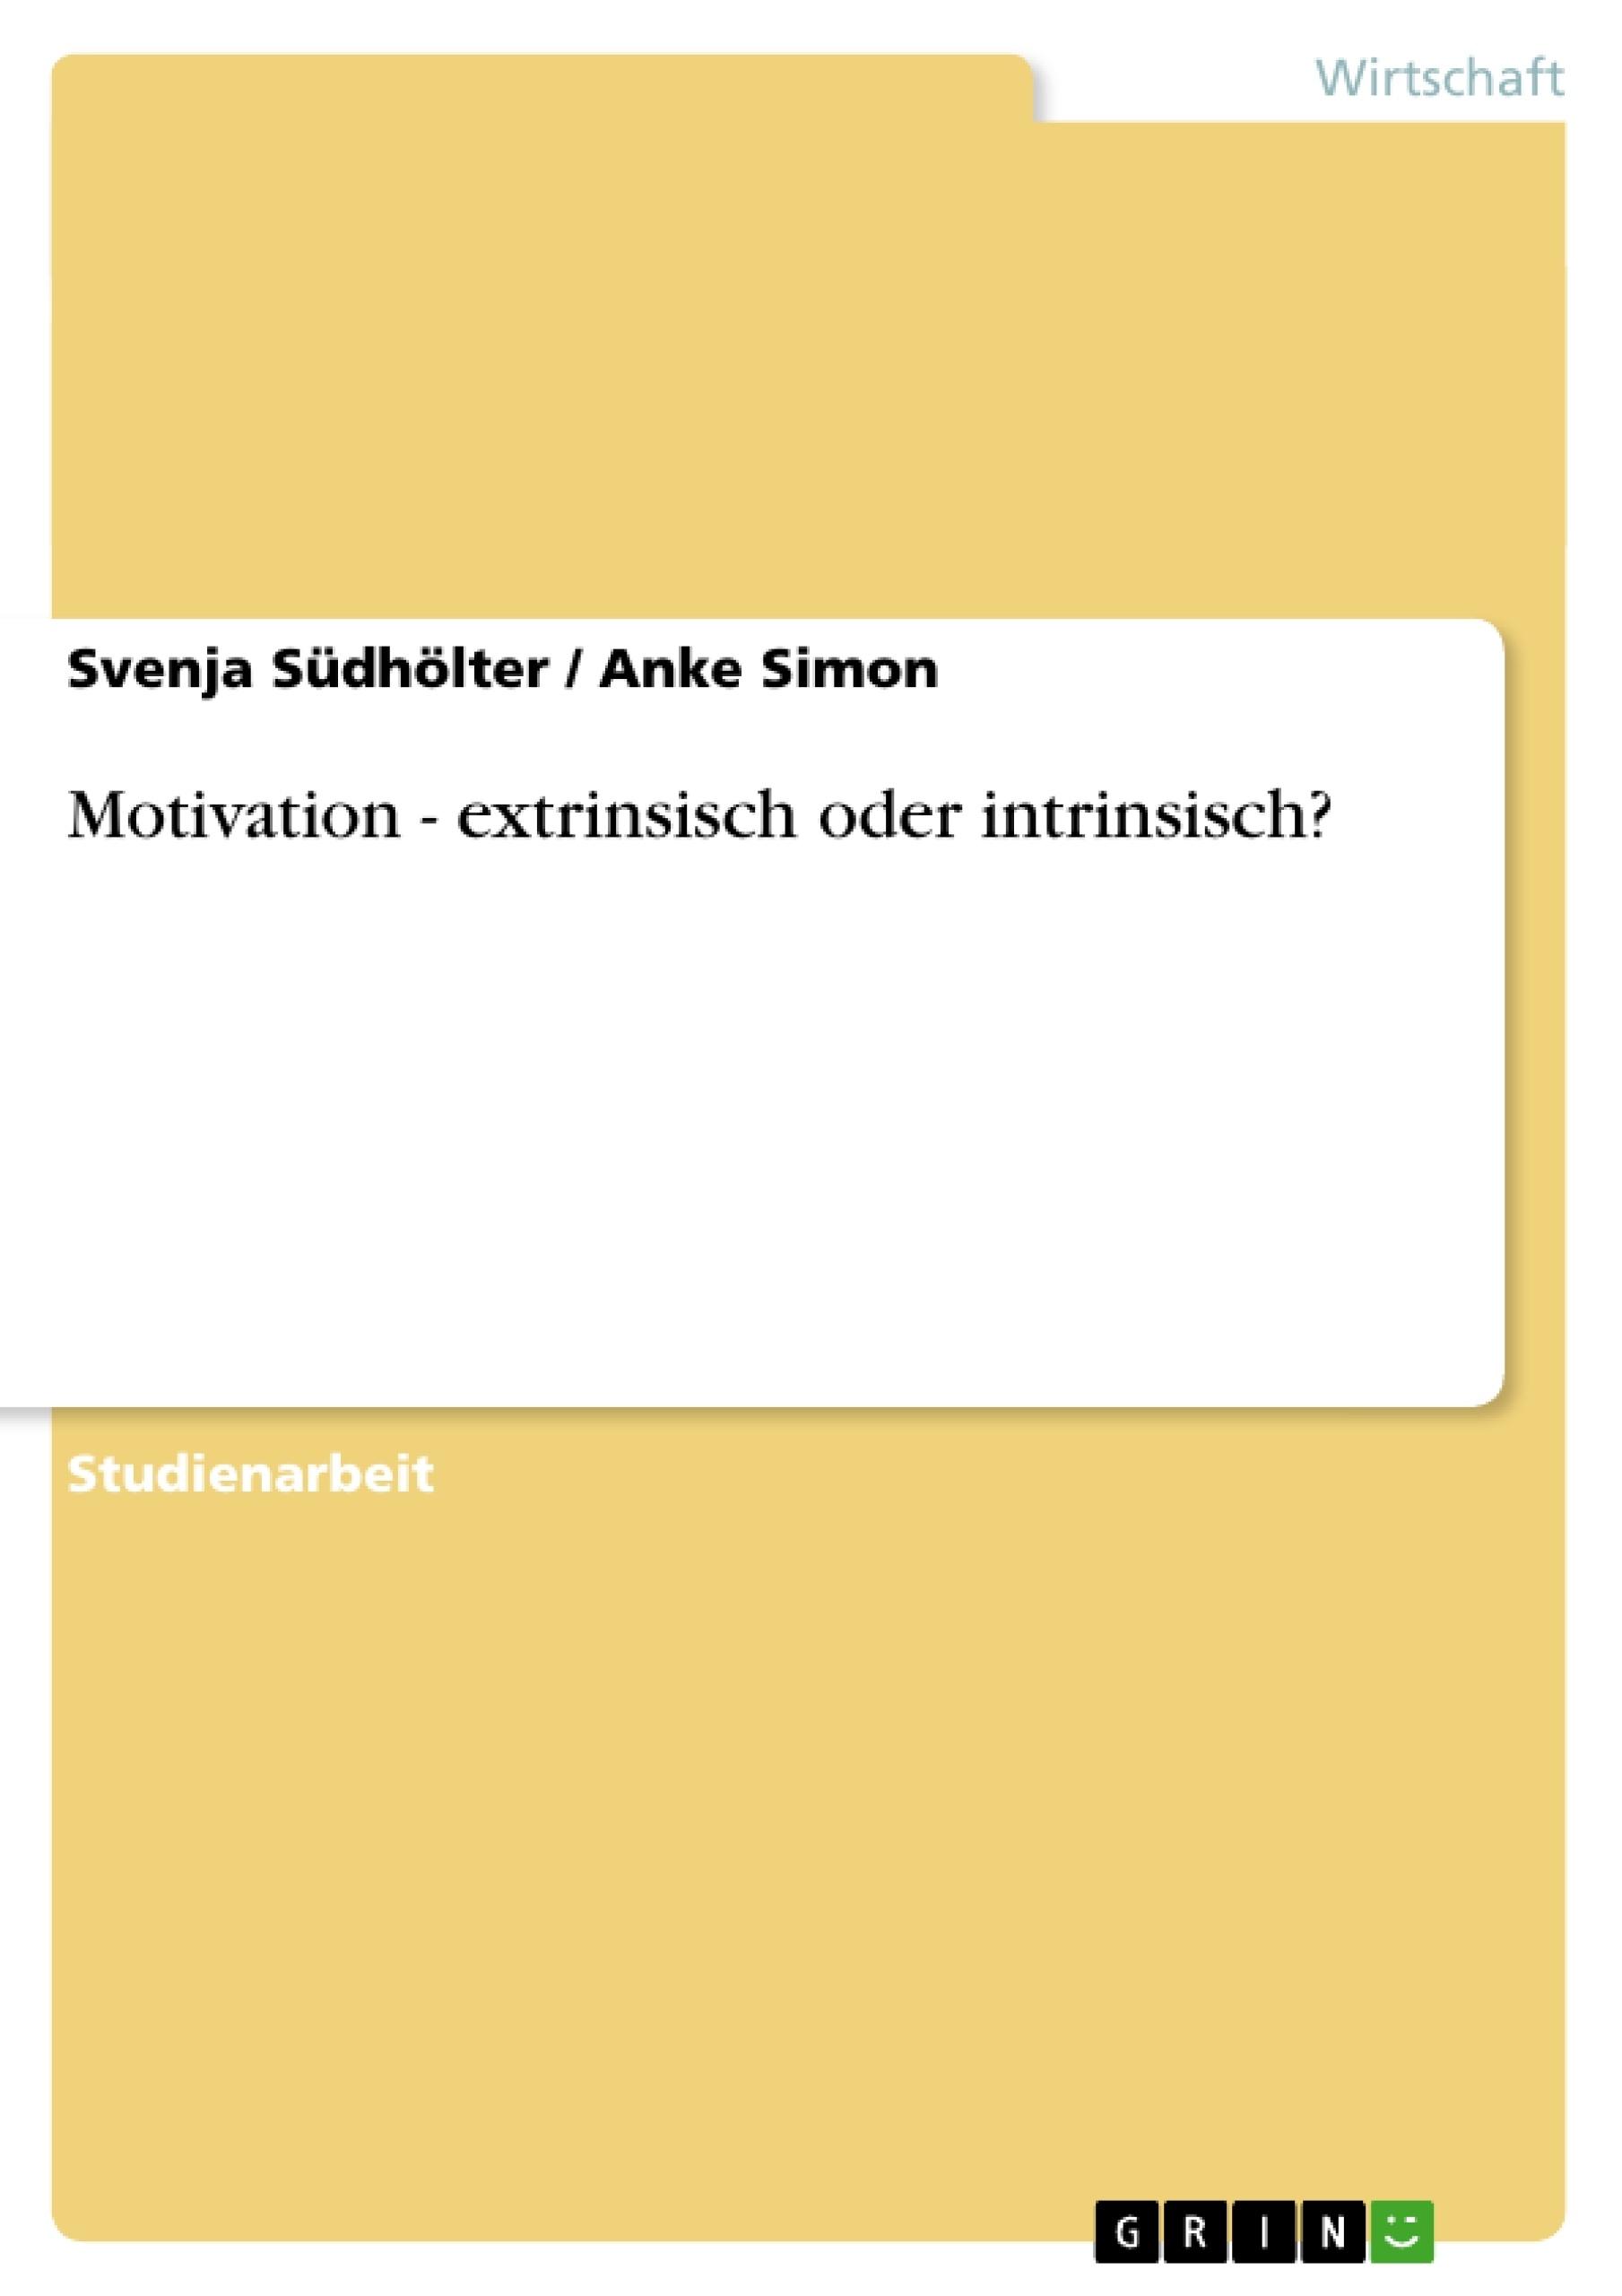 Titel: Motivation - extrinsisch oder intrinsisch?